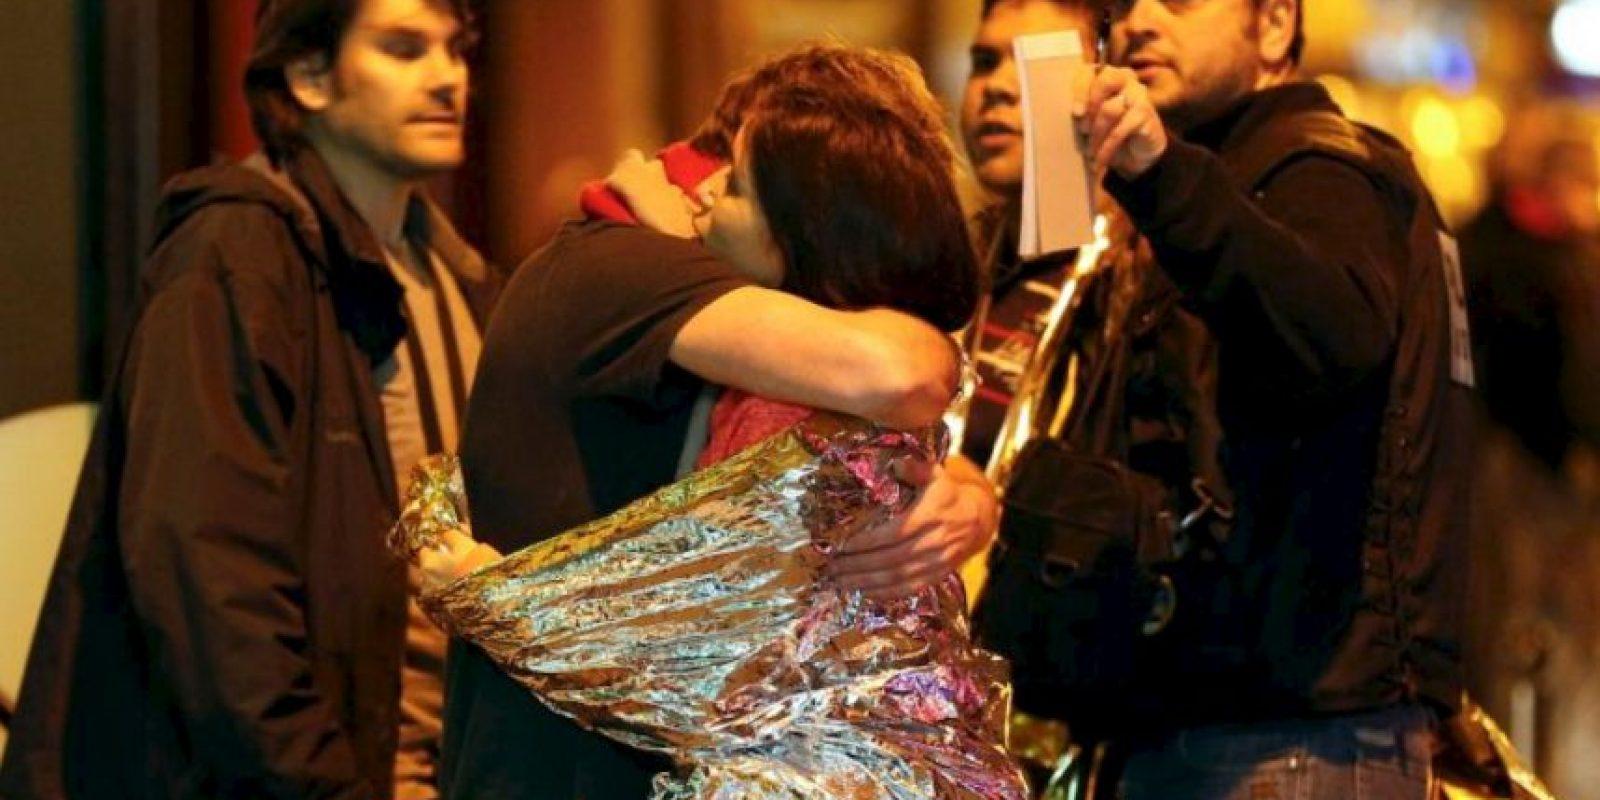 También se arrestó a un francés de 41 años. Foto:vía AFP